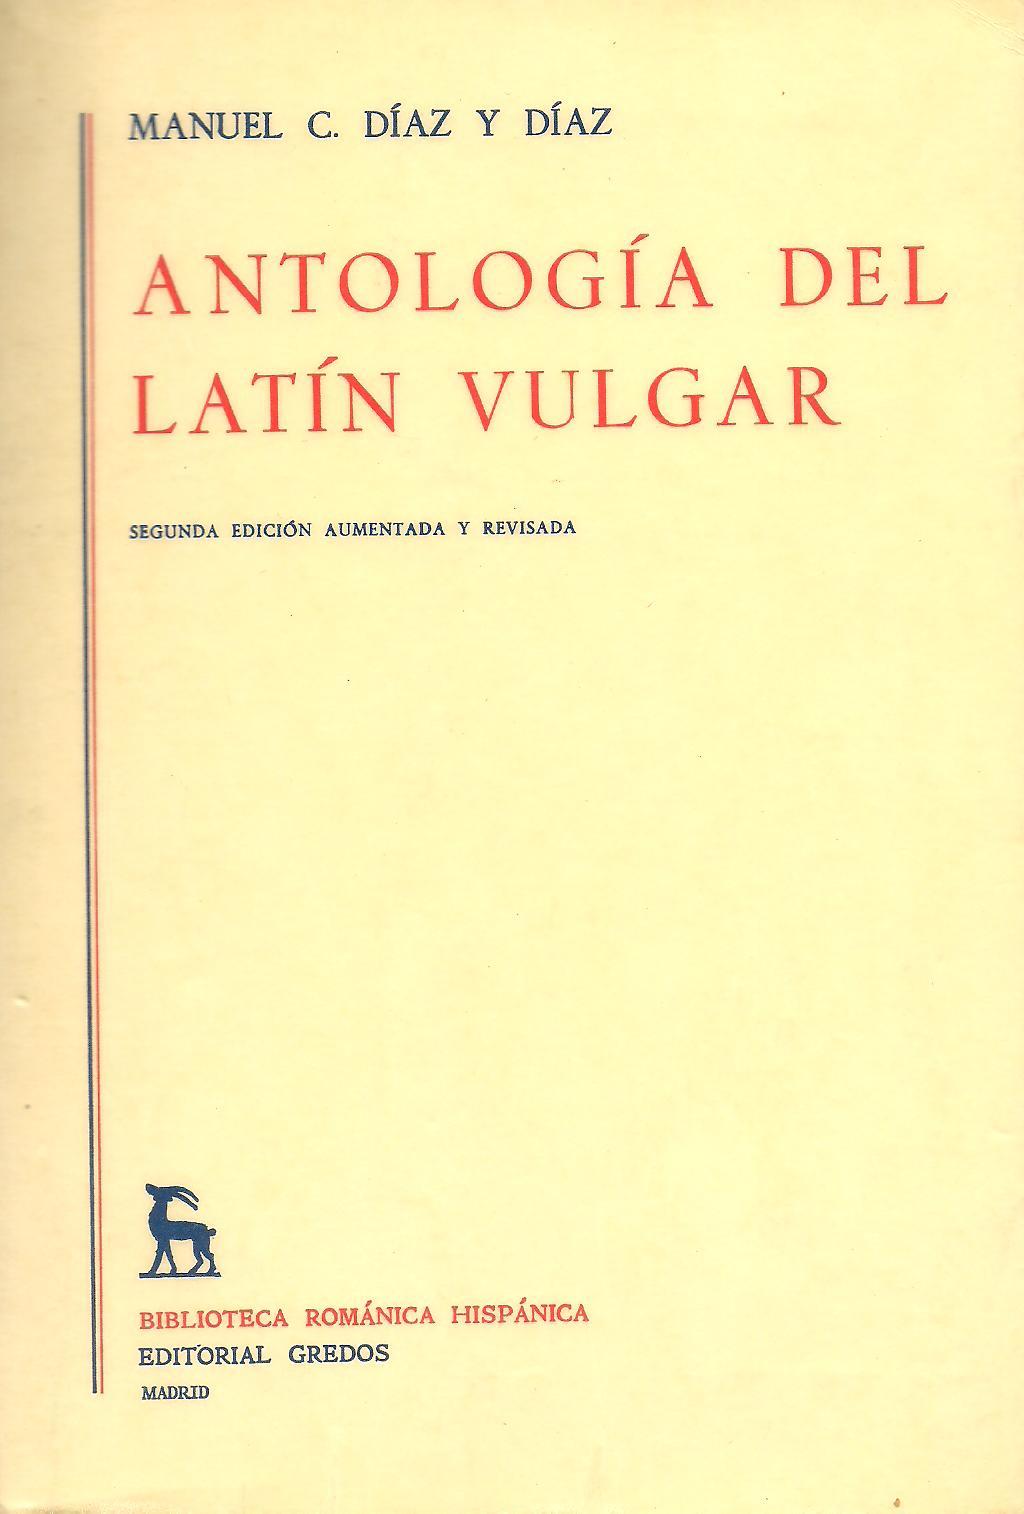 Antología del latín vulgar